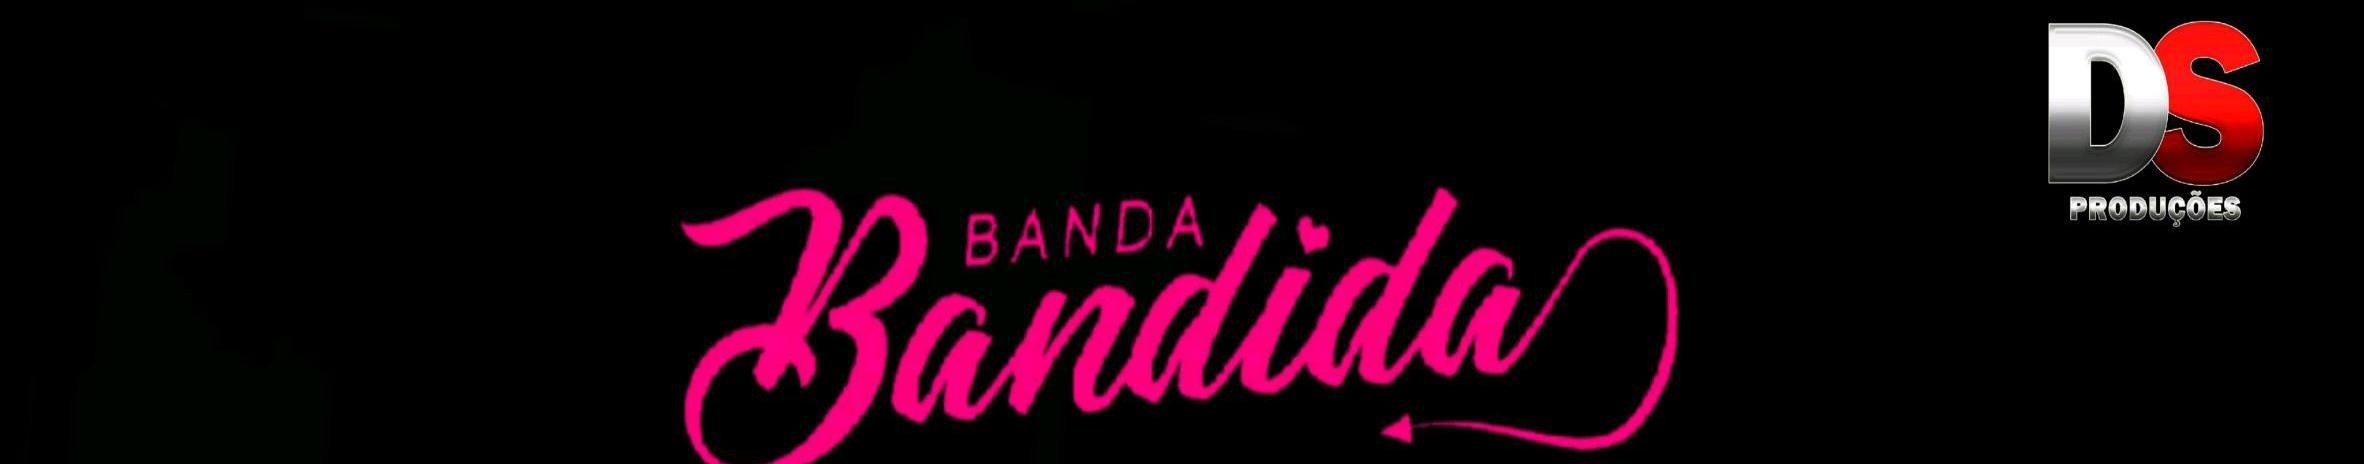 Imagem de capa de BANDA BANDIDA